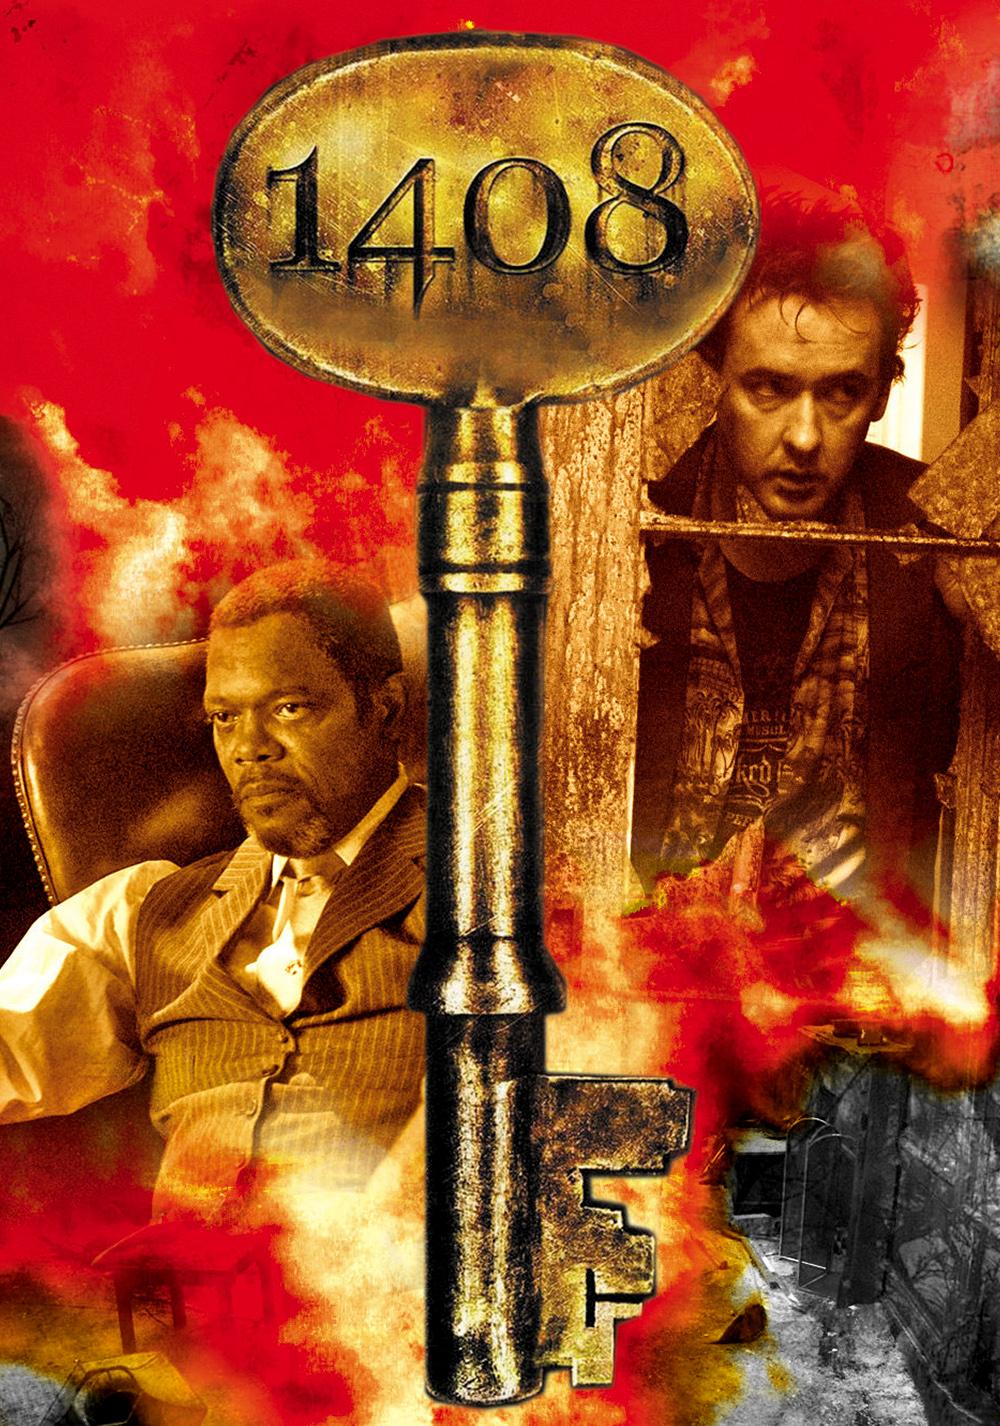 1408 Film